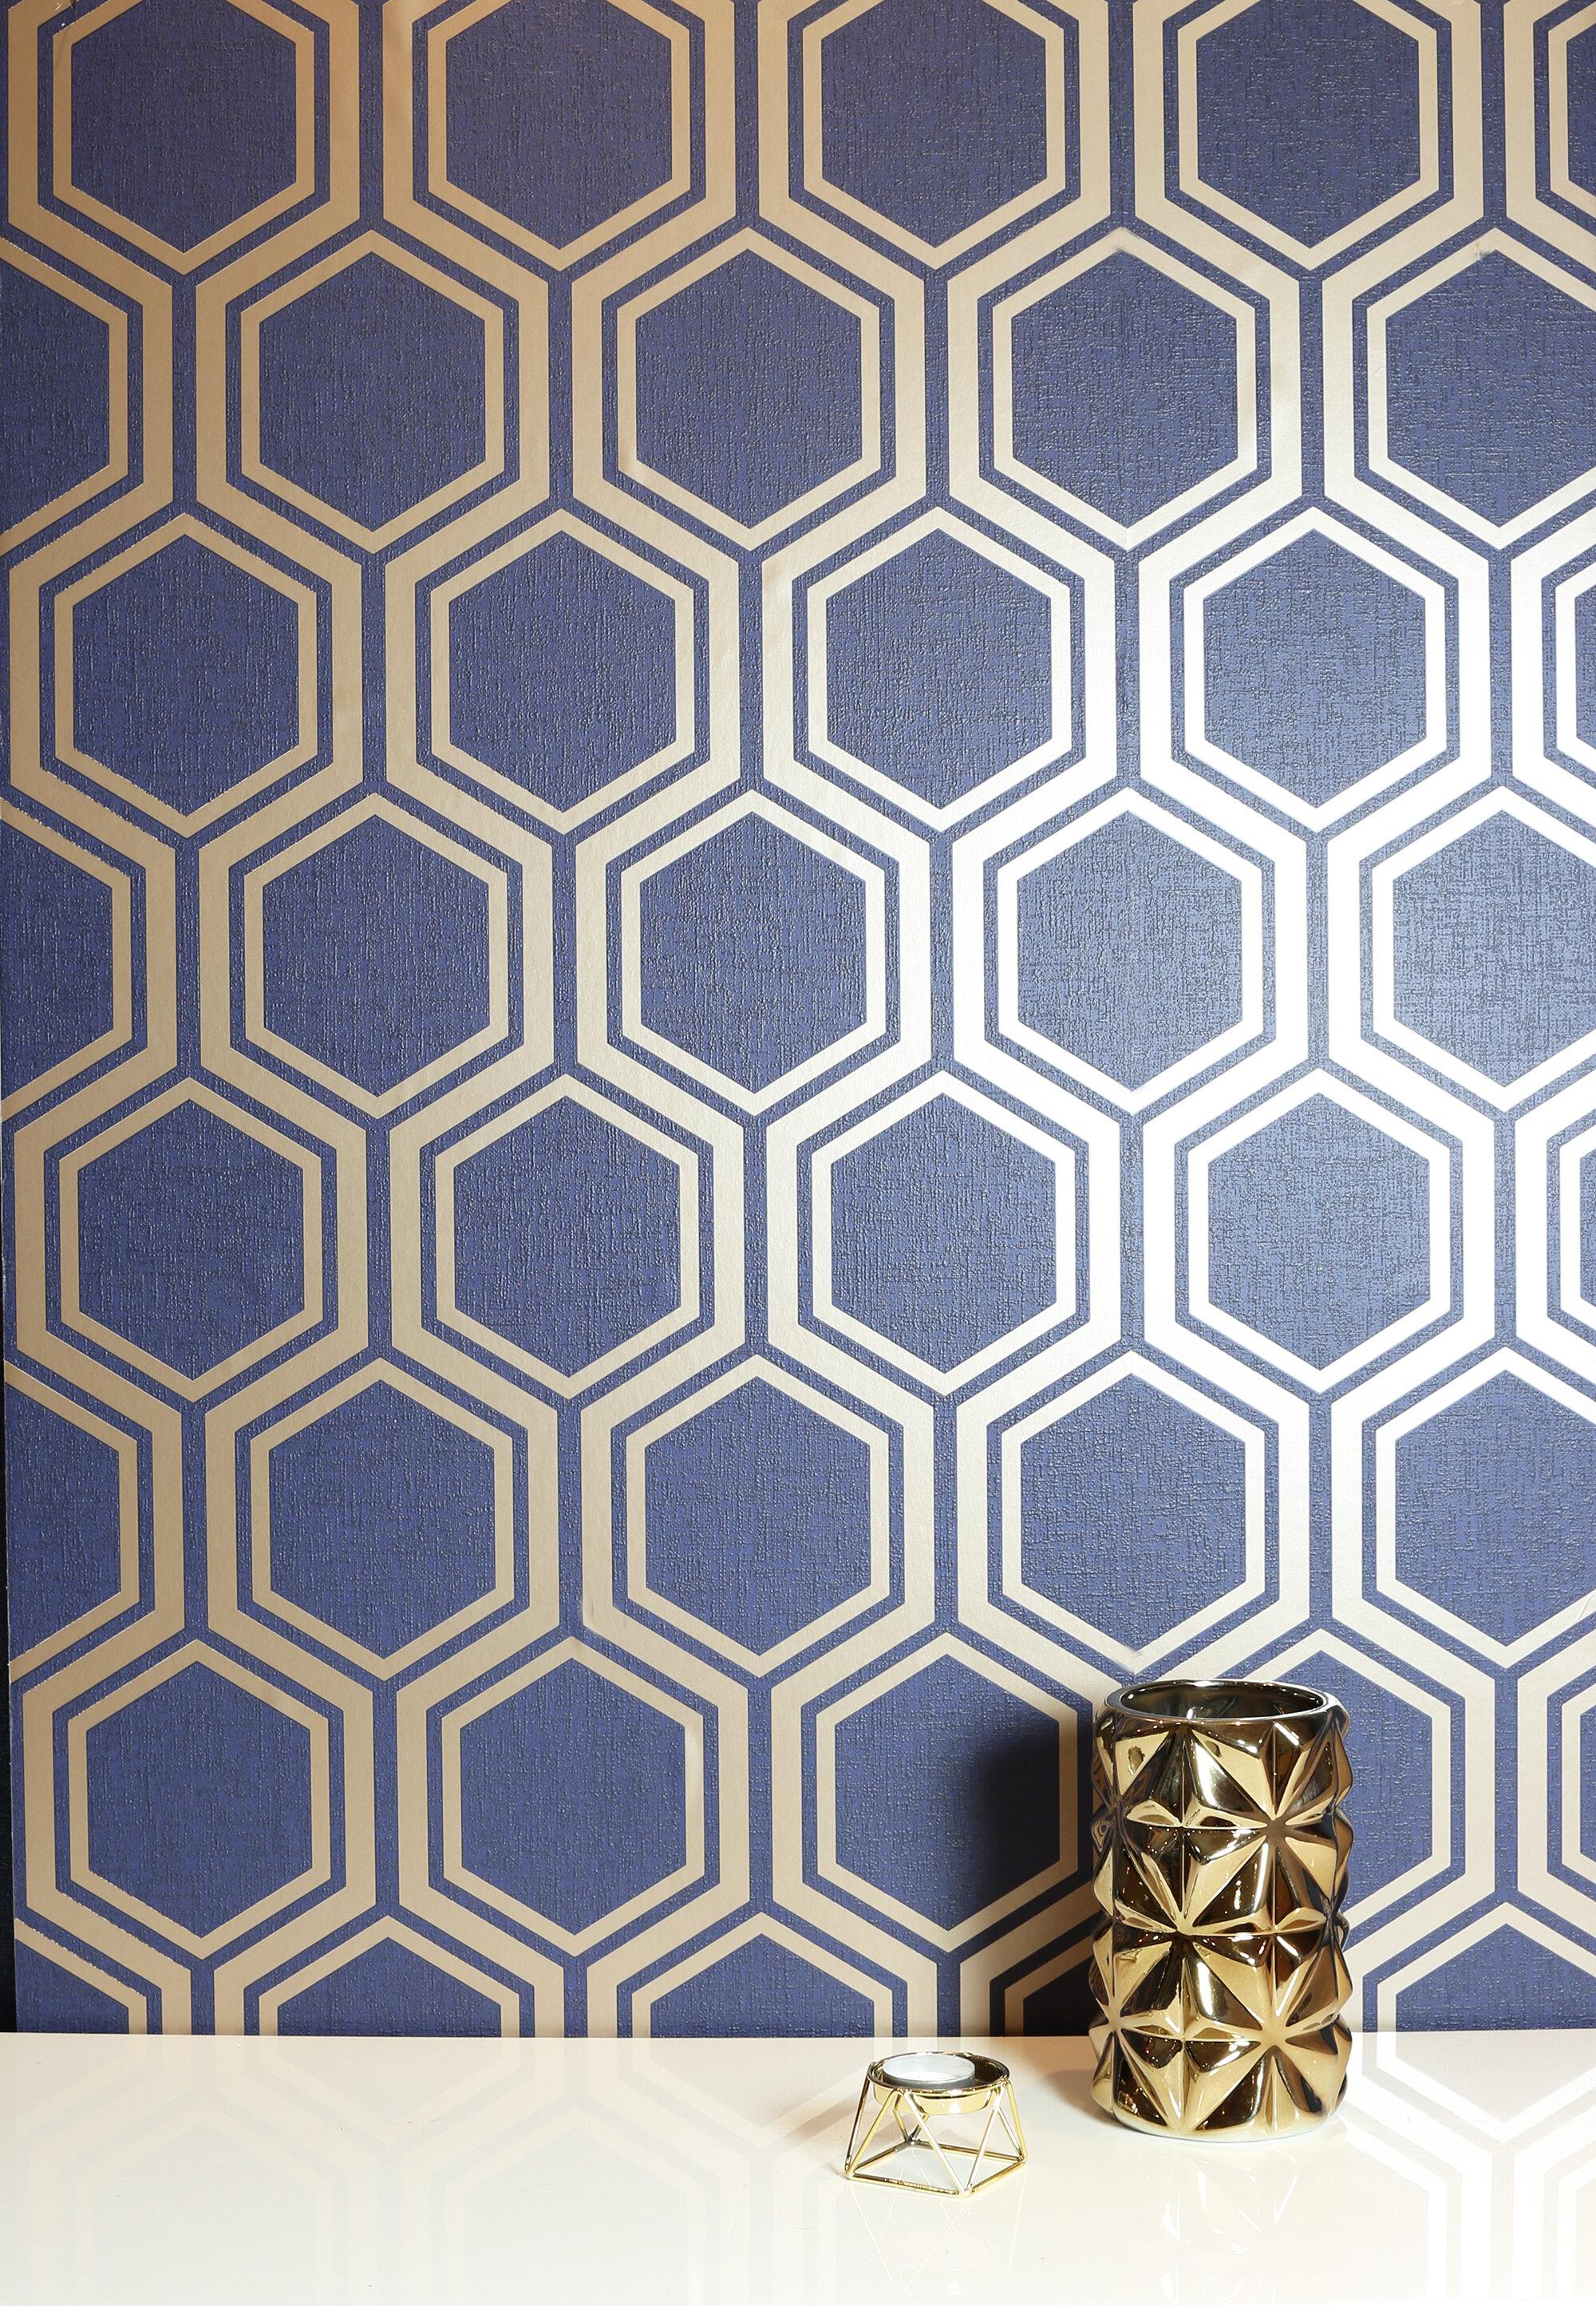 Hexagon 1m X 53cm Matte Metallic Finish Wallpaper Roll